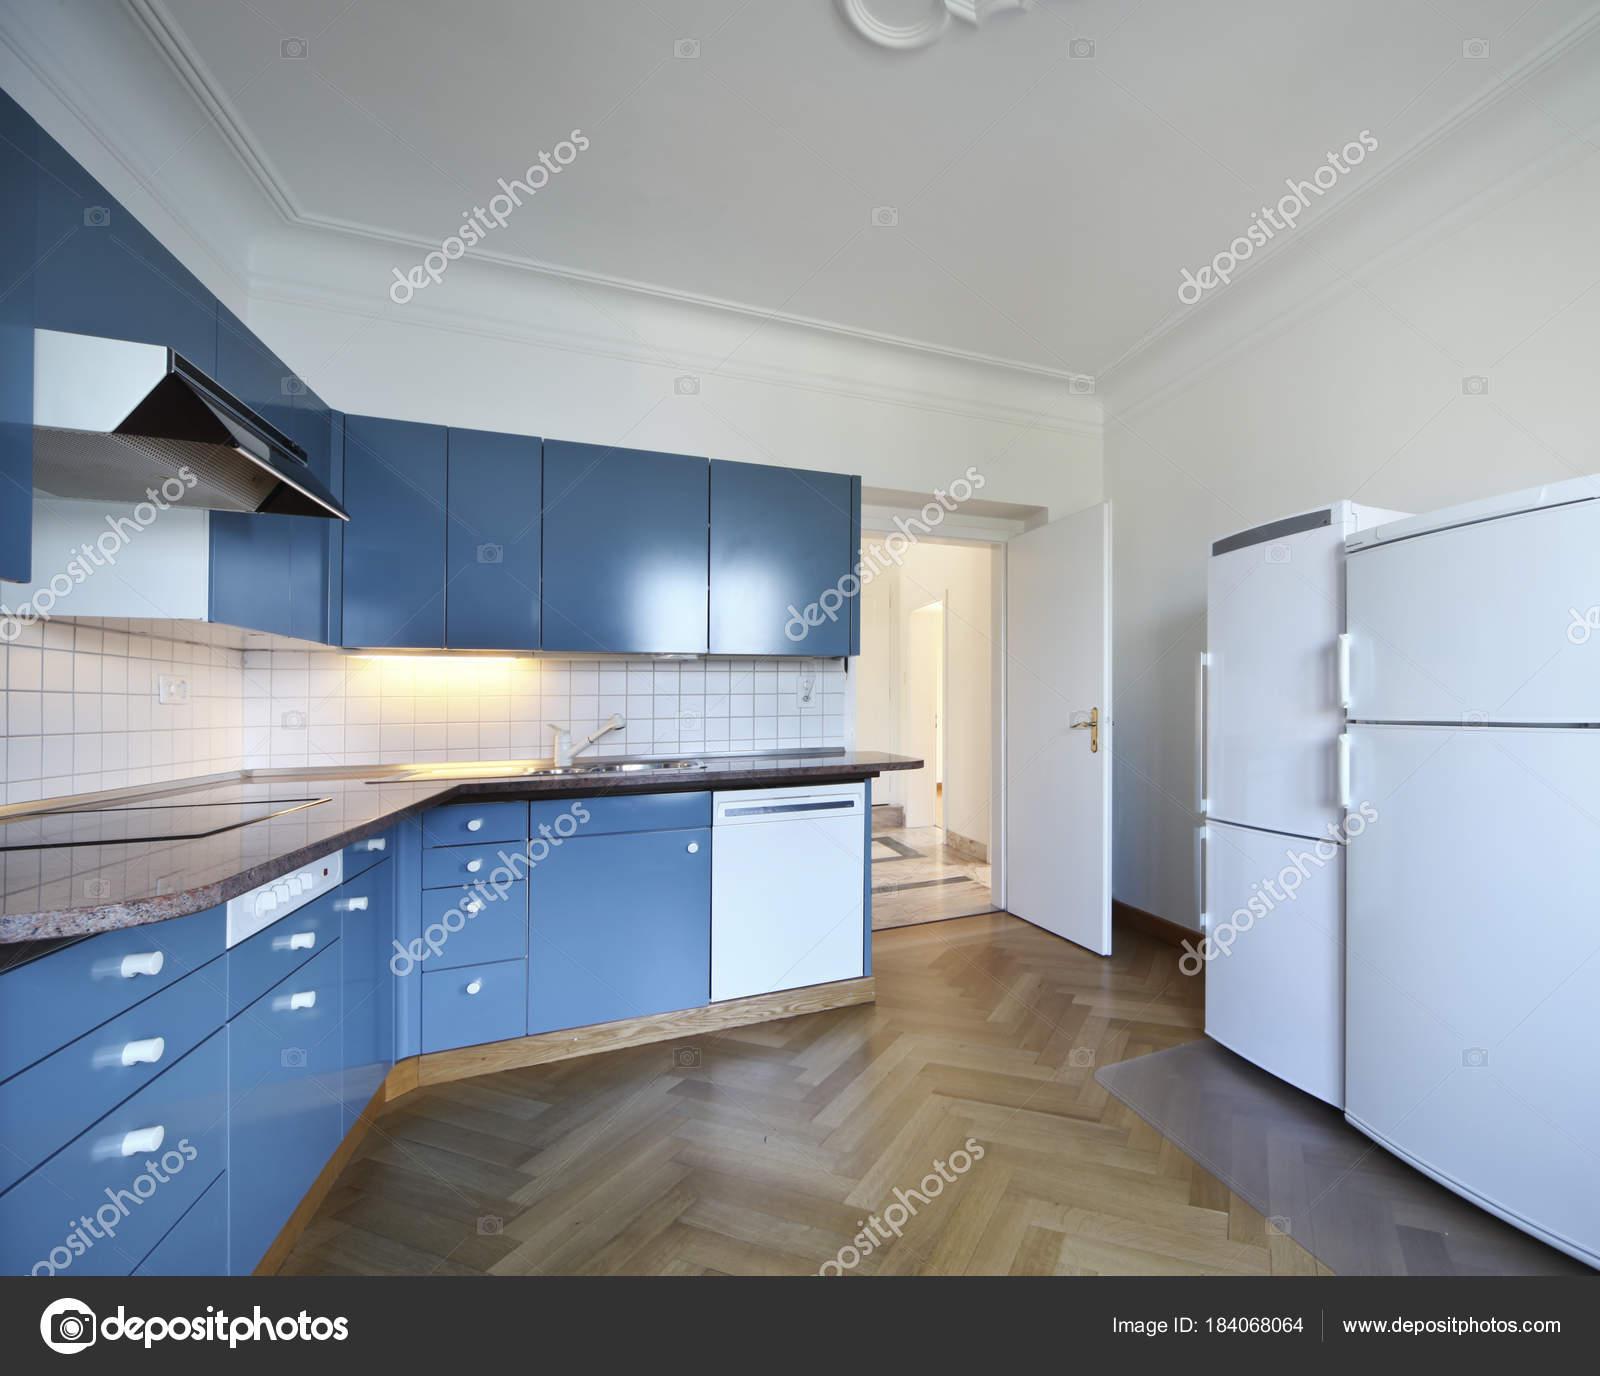 Weiße und blaue Villa Küche — Stockfoto © Zveiger #184068064